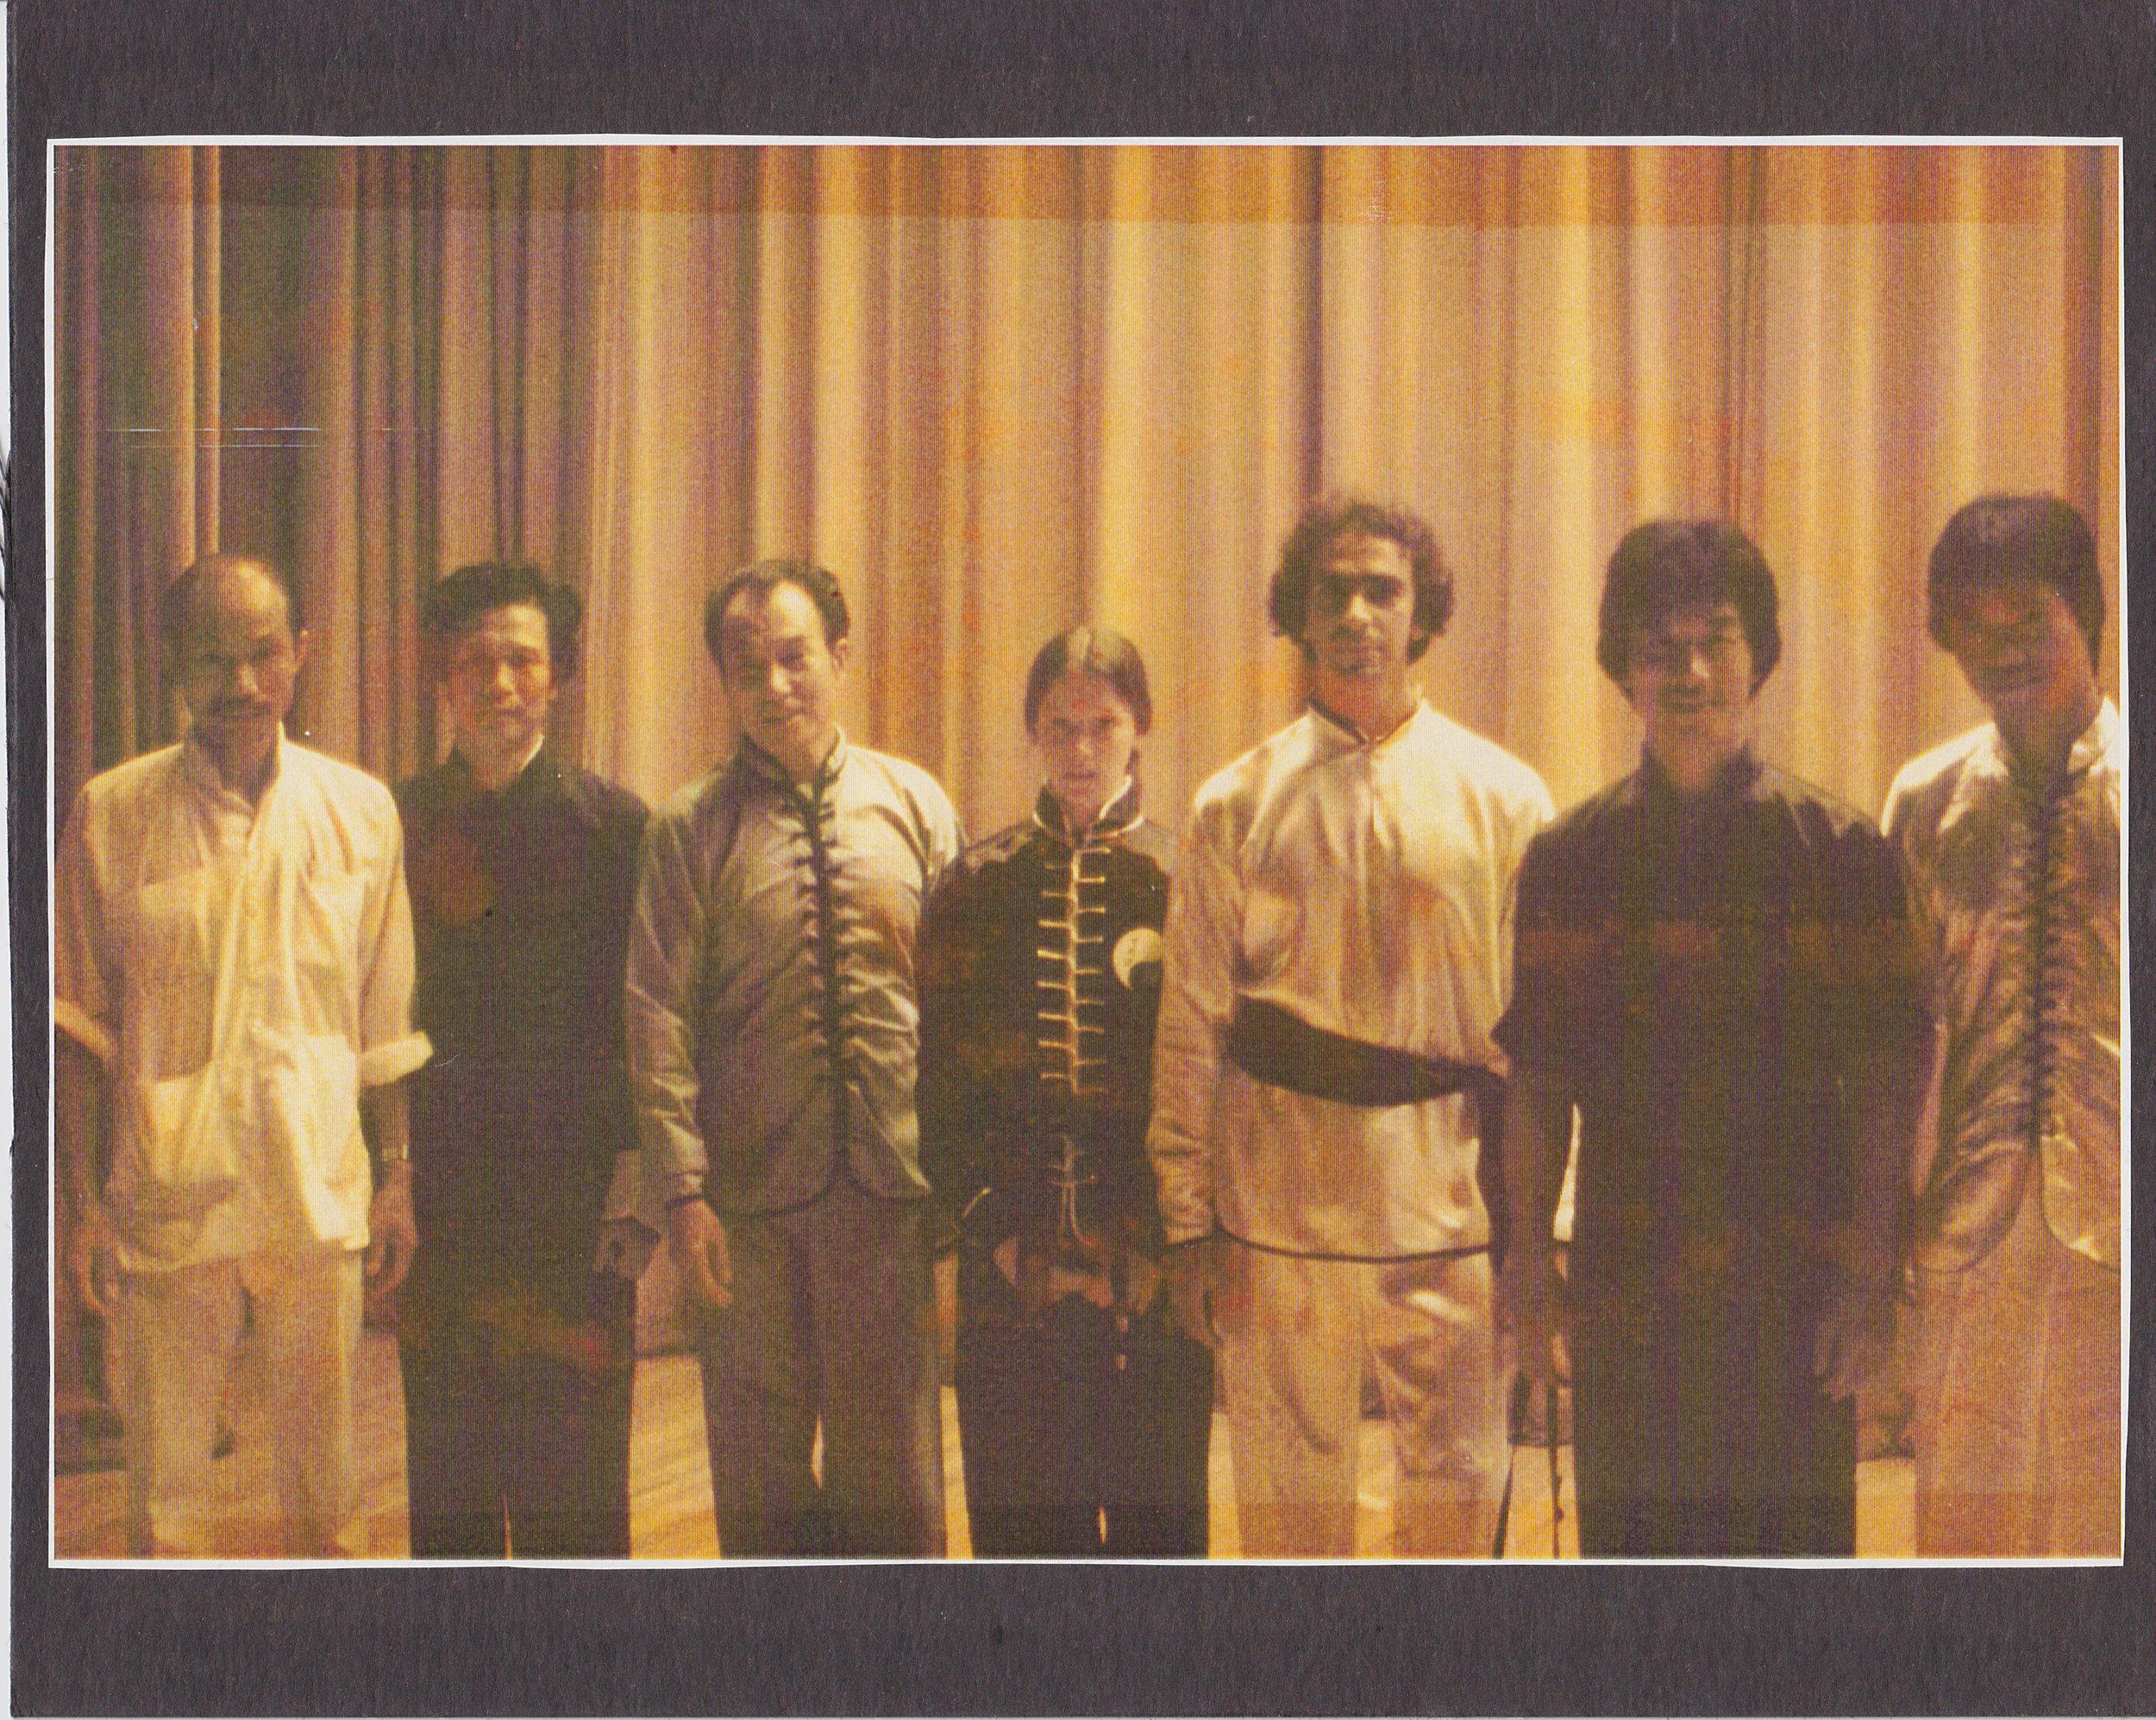 Master Paolillo with Grandmaster Chan Pui, Master Po Ahn, Master Shek Kin, Master Lee Koon Hung and Master Tat Mau Wong. Photo taken at the Masters of Hong Kong Performance at the John Hancock Hall in Boston, MA, 1979.